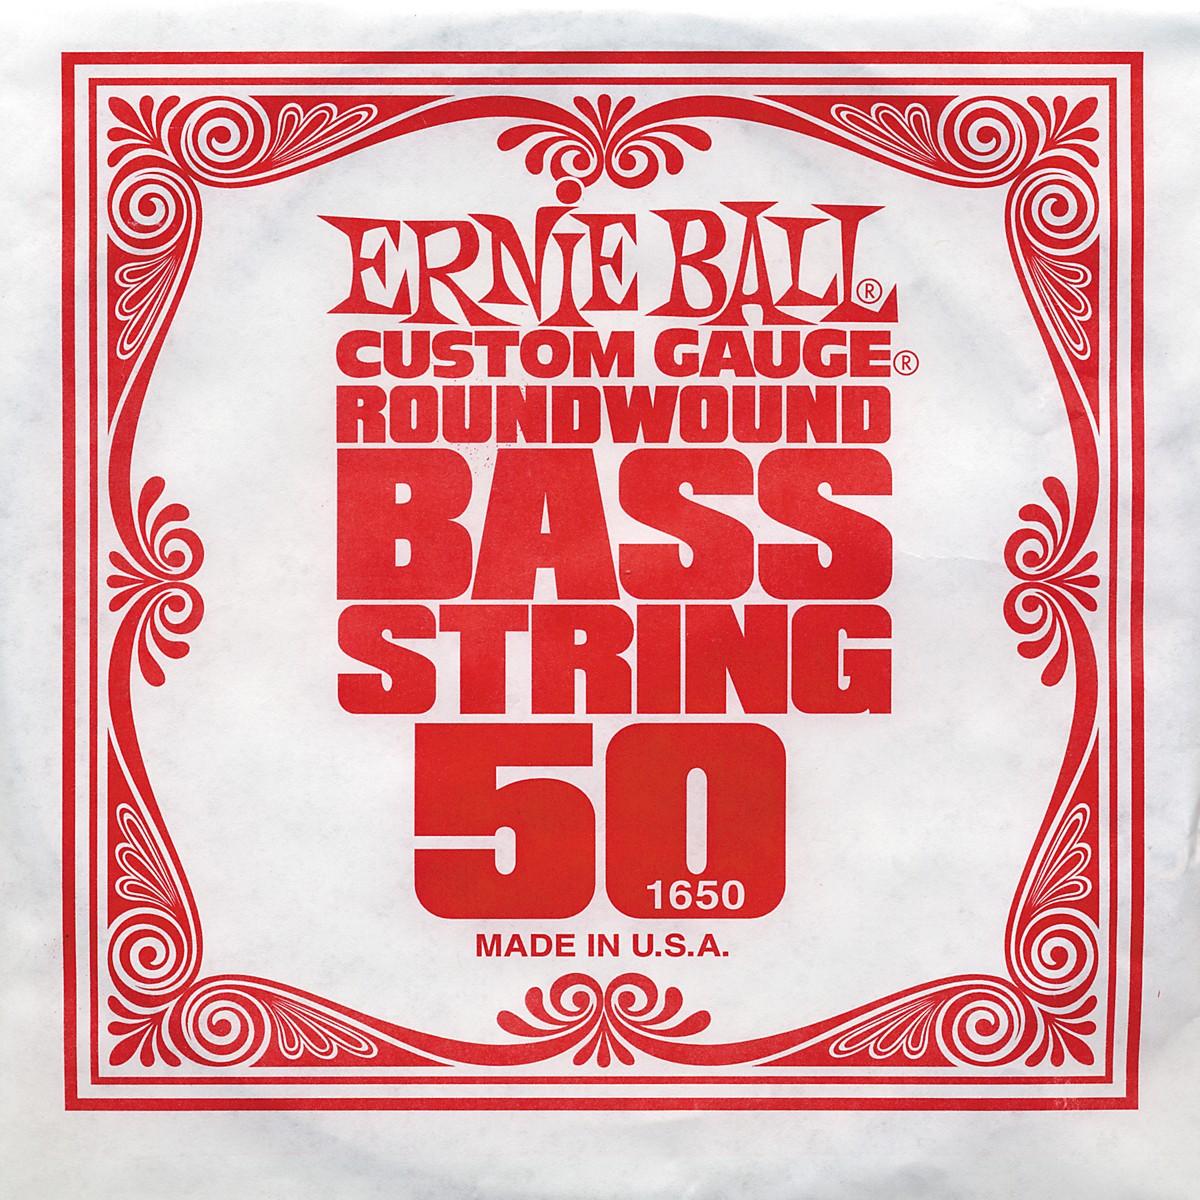 Ernie Ball 1650 Single Bass Guitar String